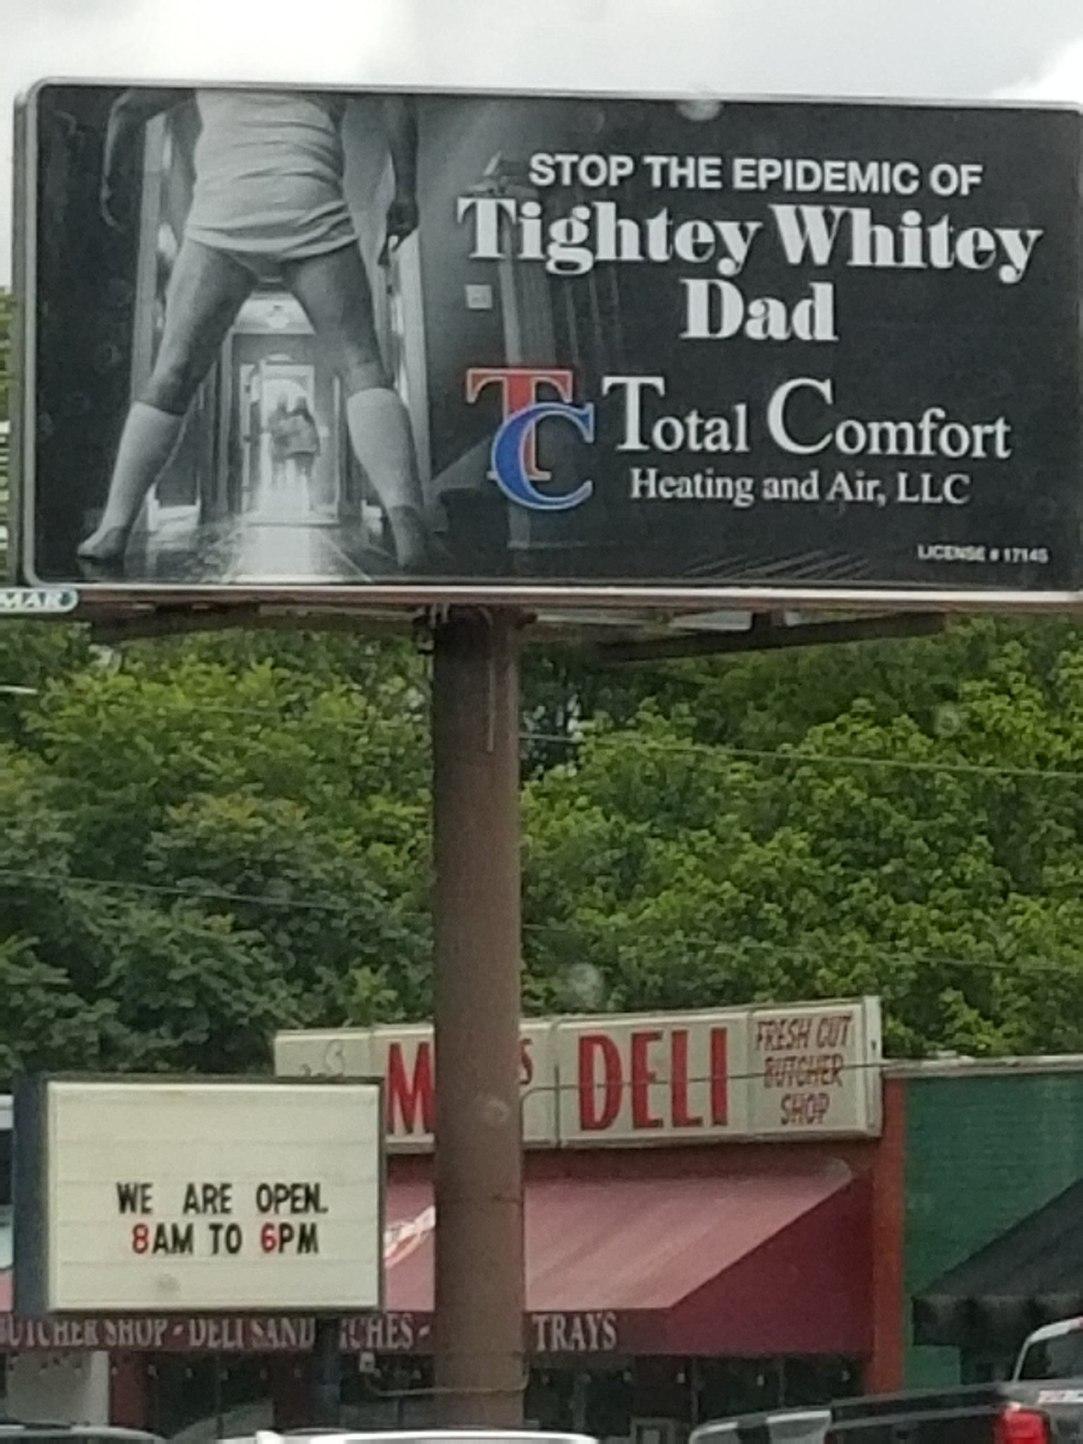 Bad advertising? Feels rapey - meme